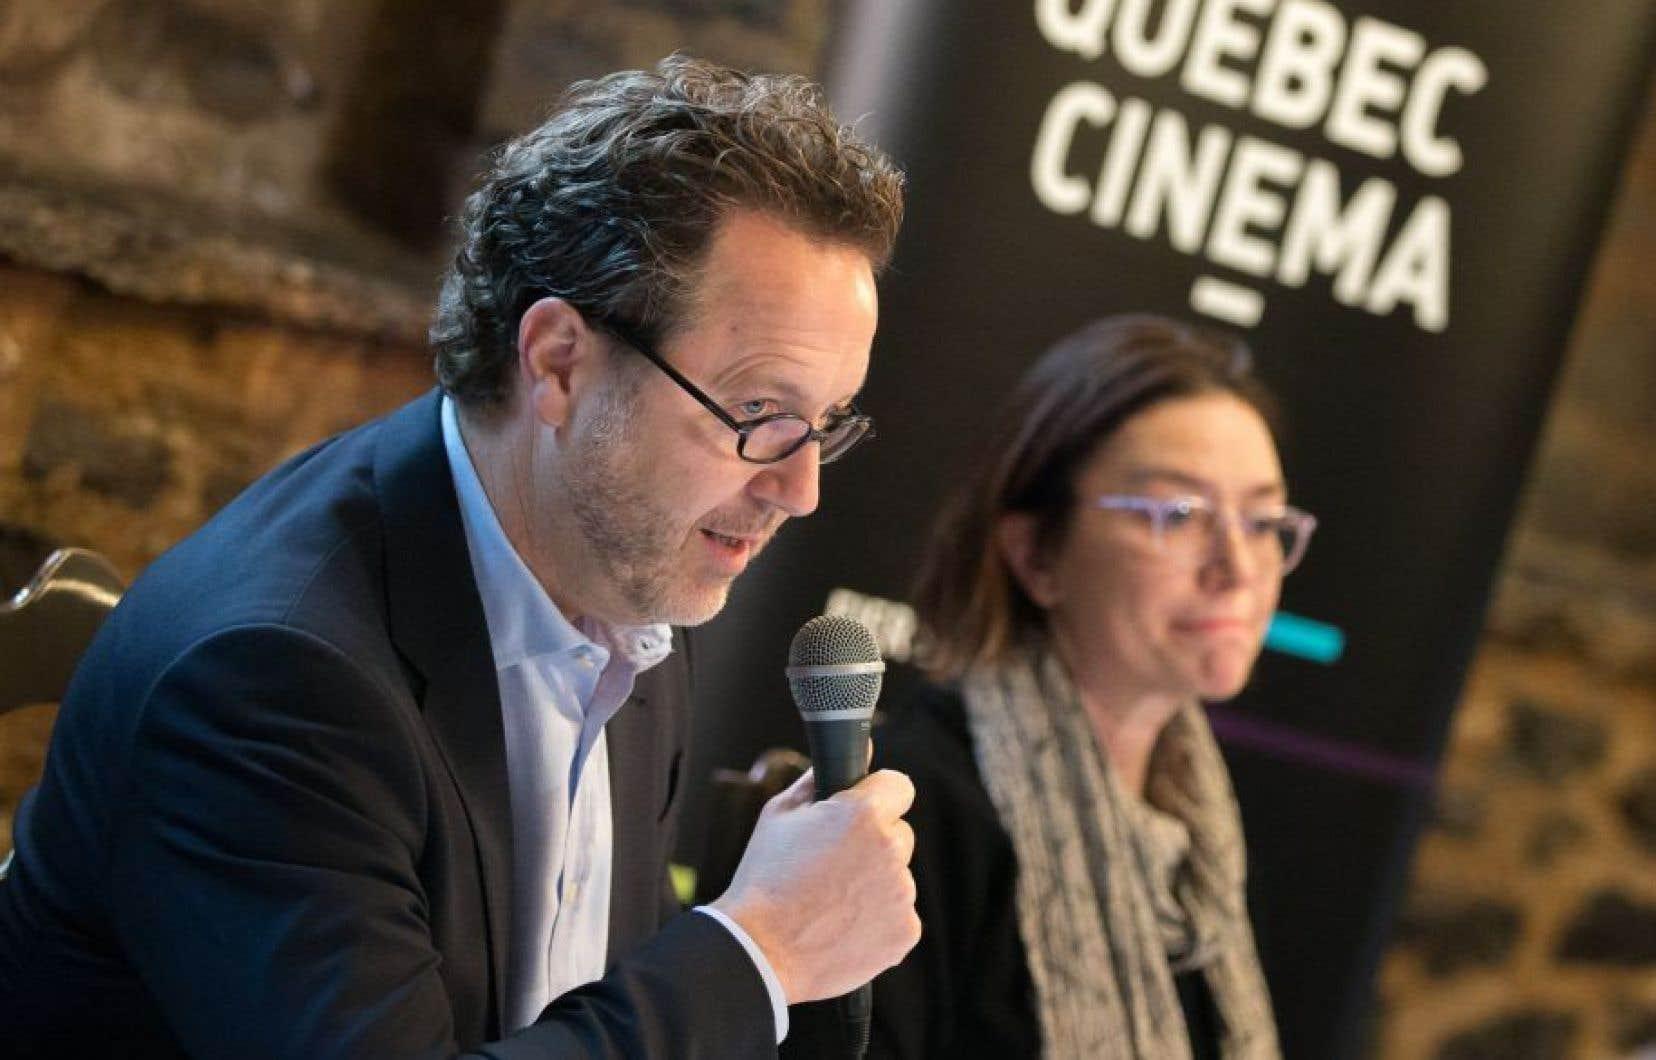 Le président du conseil d'administration de Québec Cinéma, Patrick Roy en compagnie de la directrice générale de Québec Cinéma, Ségolène Roederer